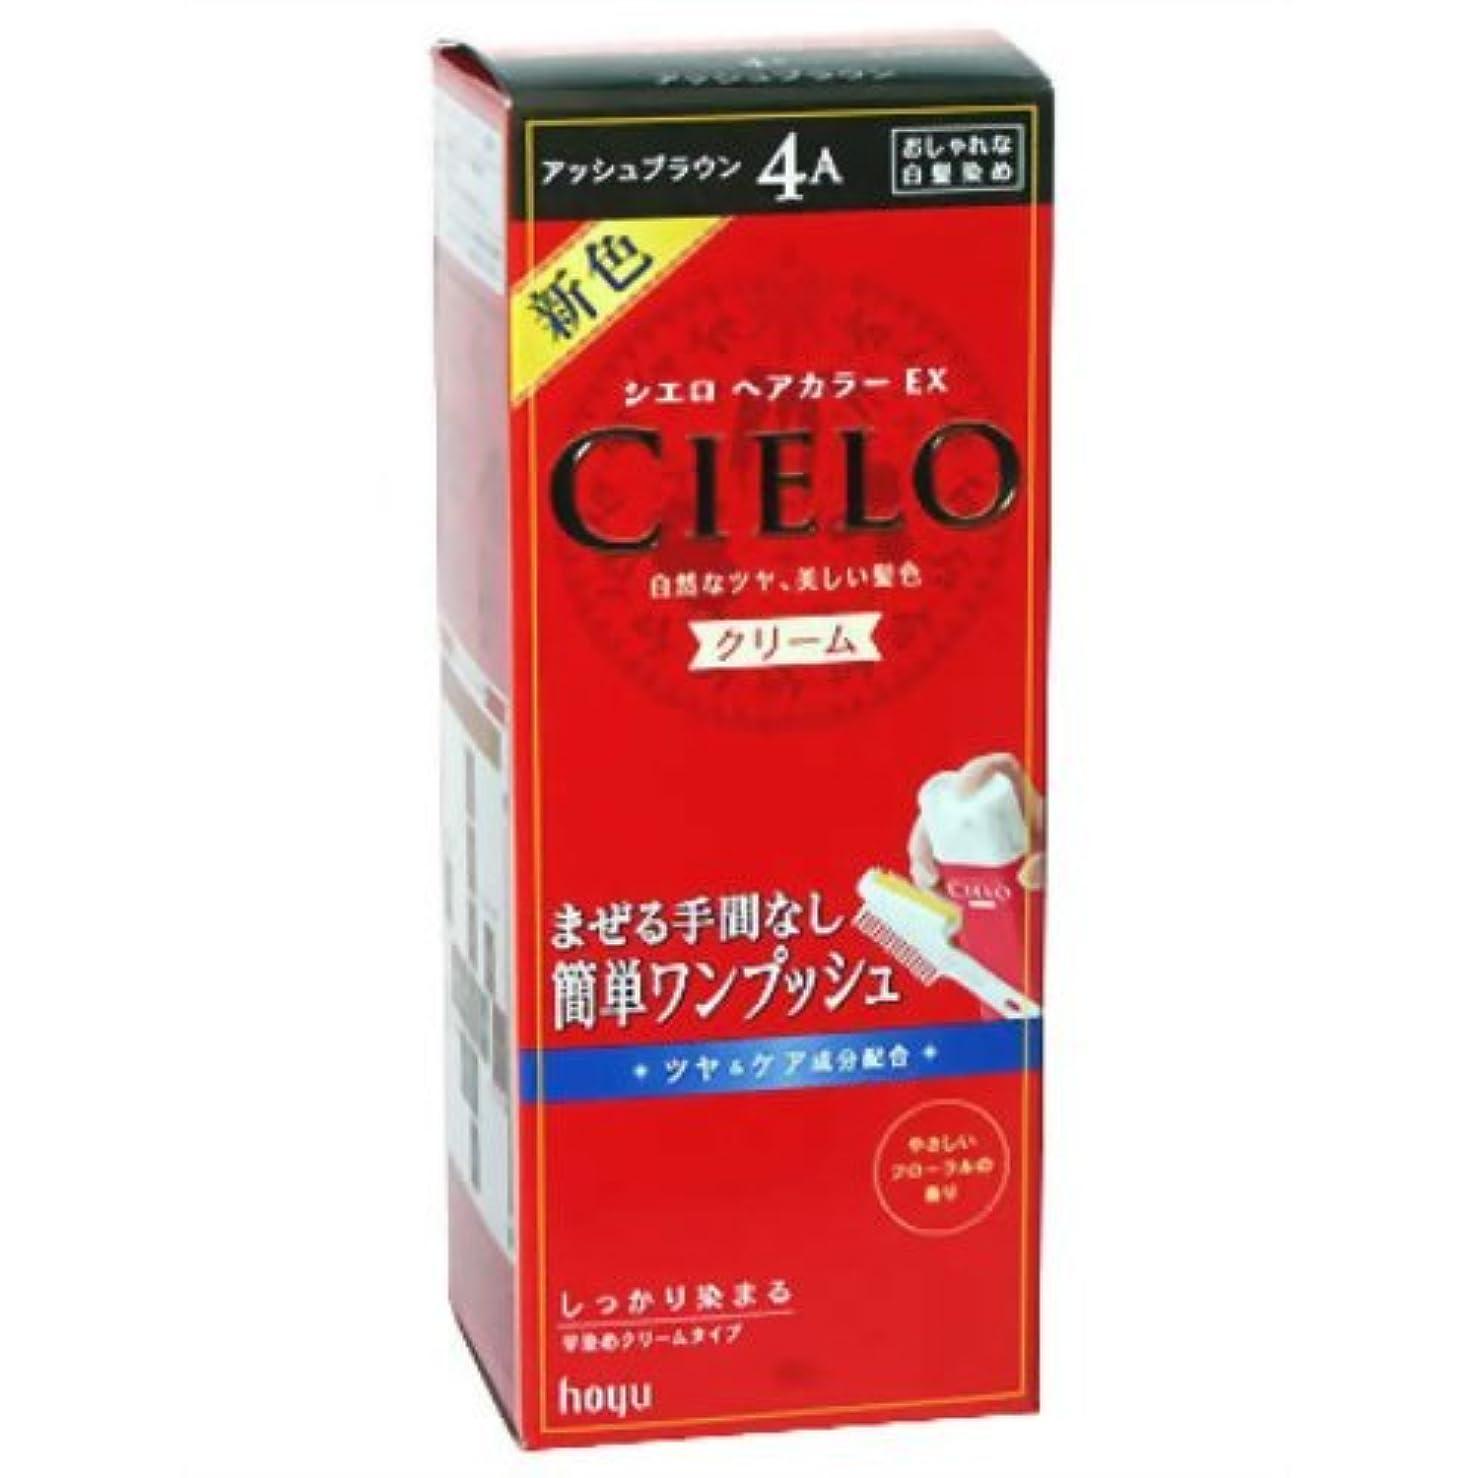 フリル炭素束ねるシエロ ヘアカラ-EX クリ-ム 4A アッシュブラウン